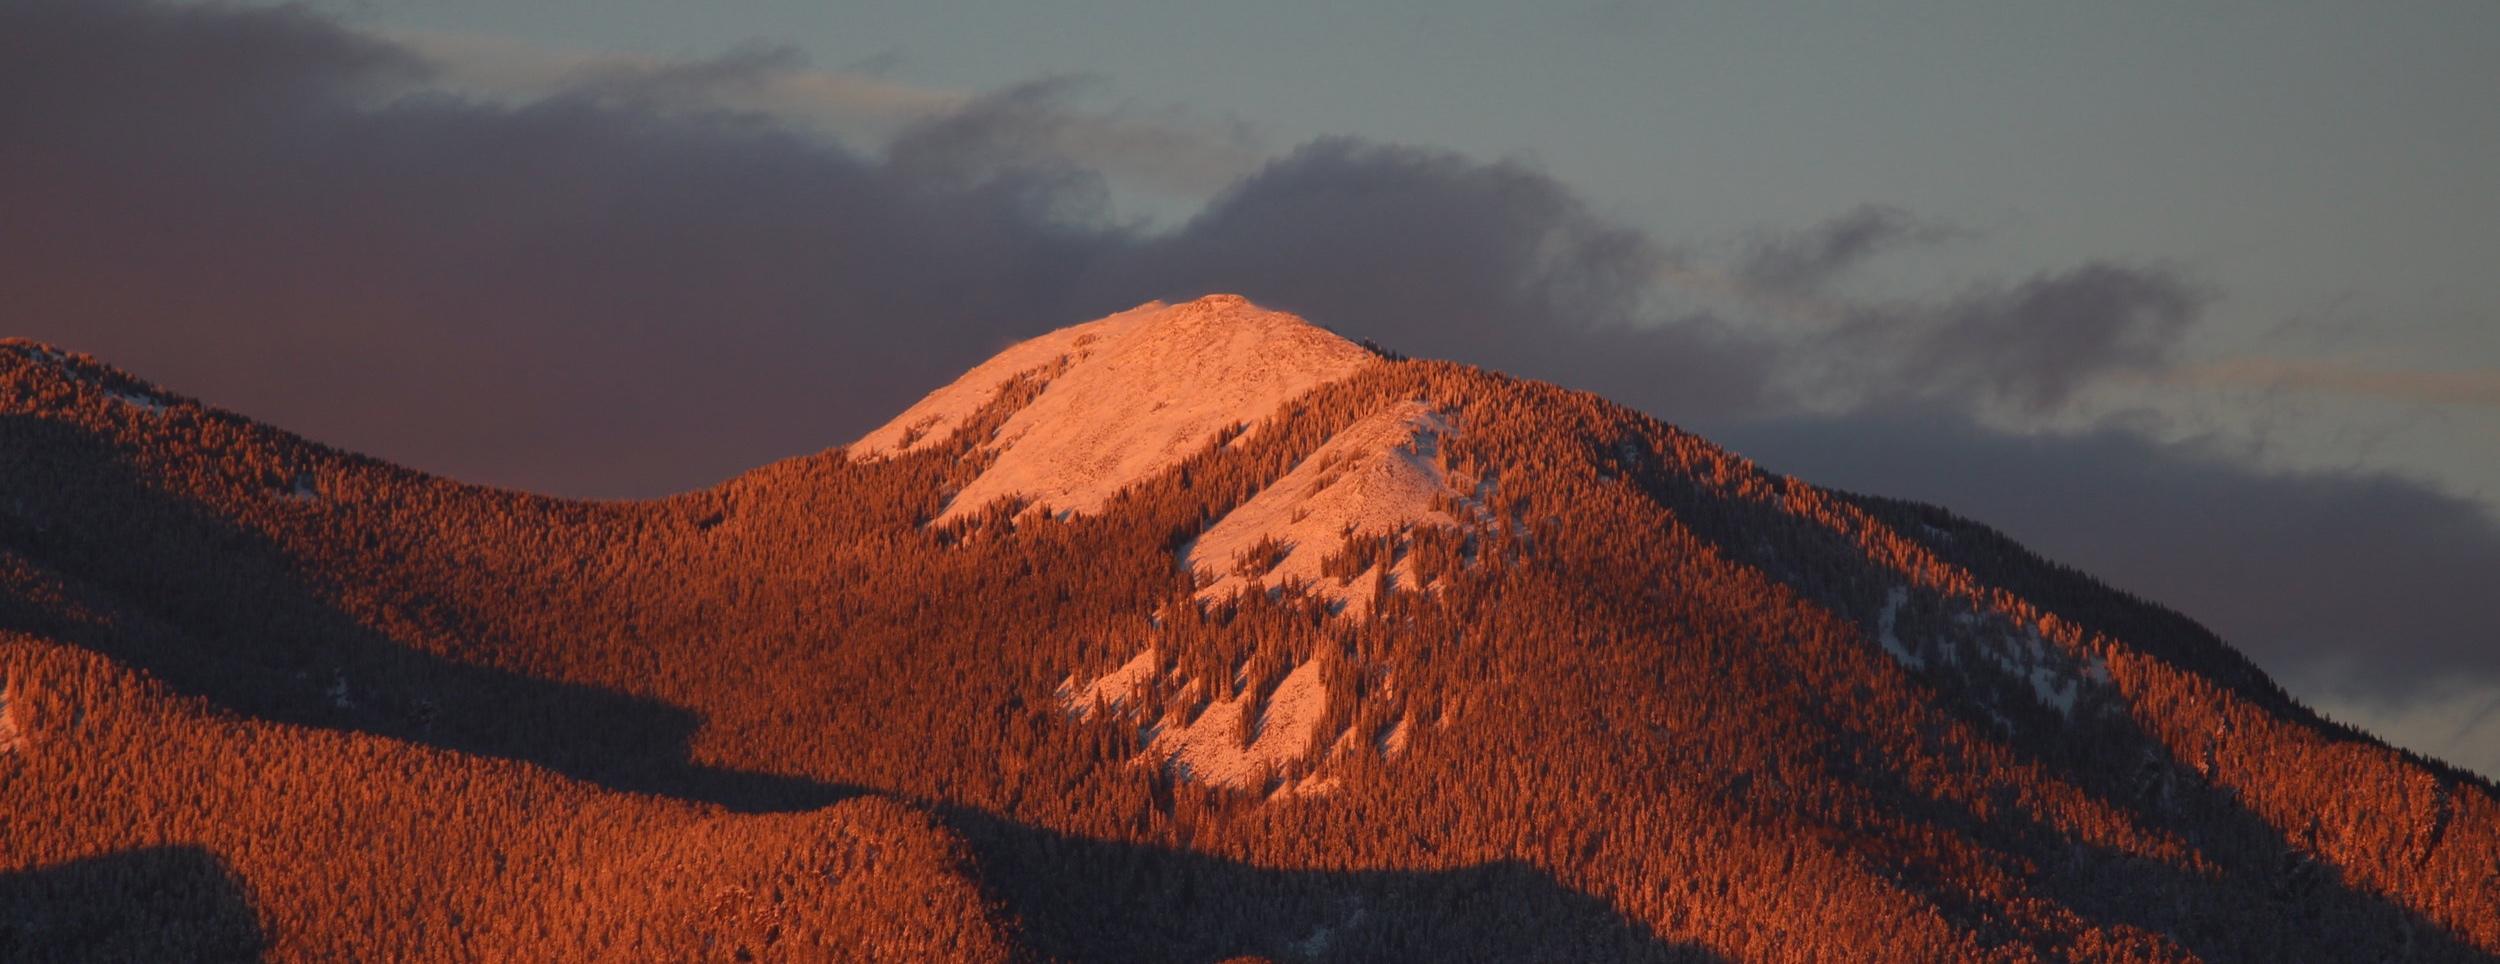 Pueblo Peak of the Sangre De Cristos above Taos, NM